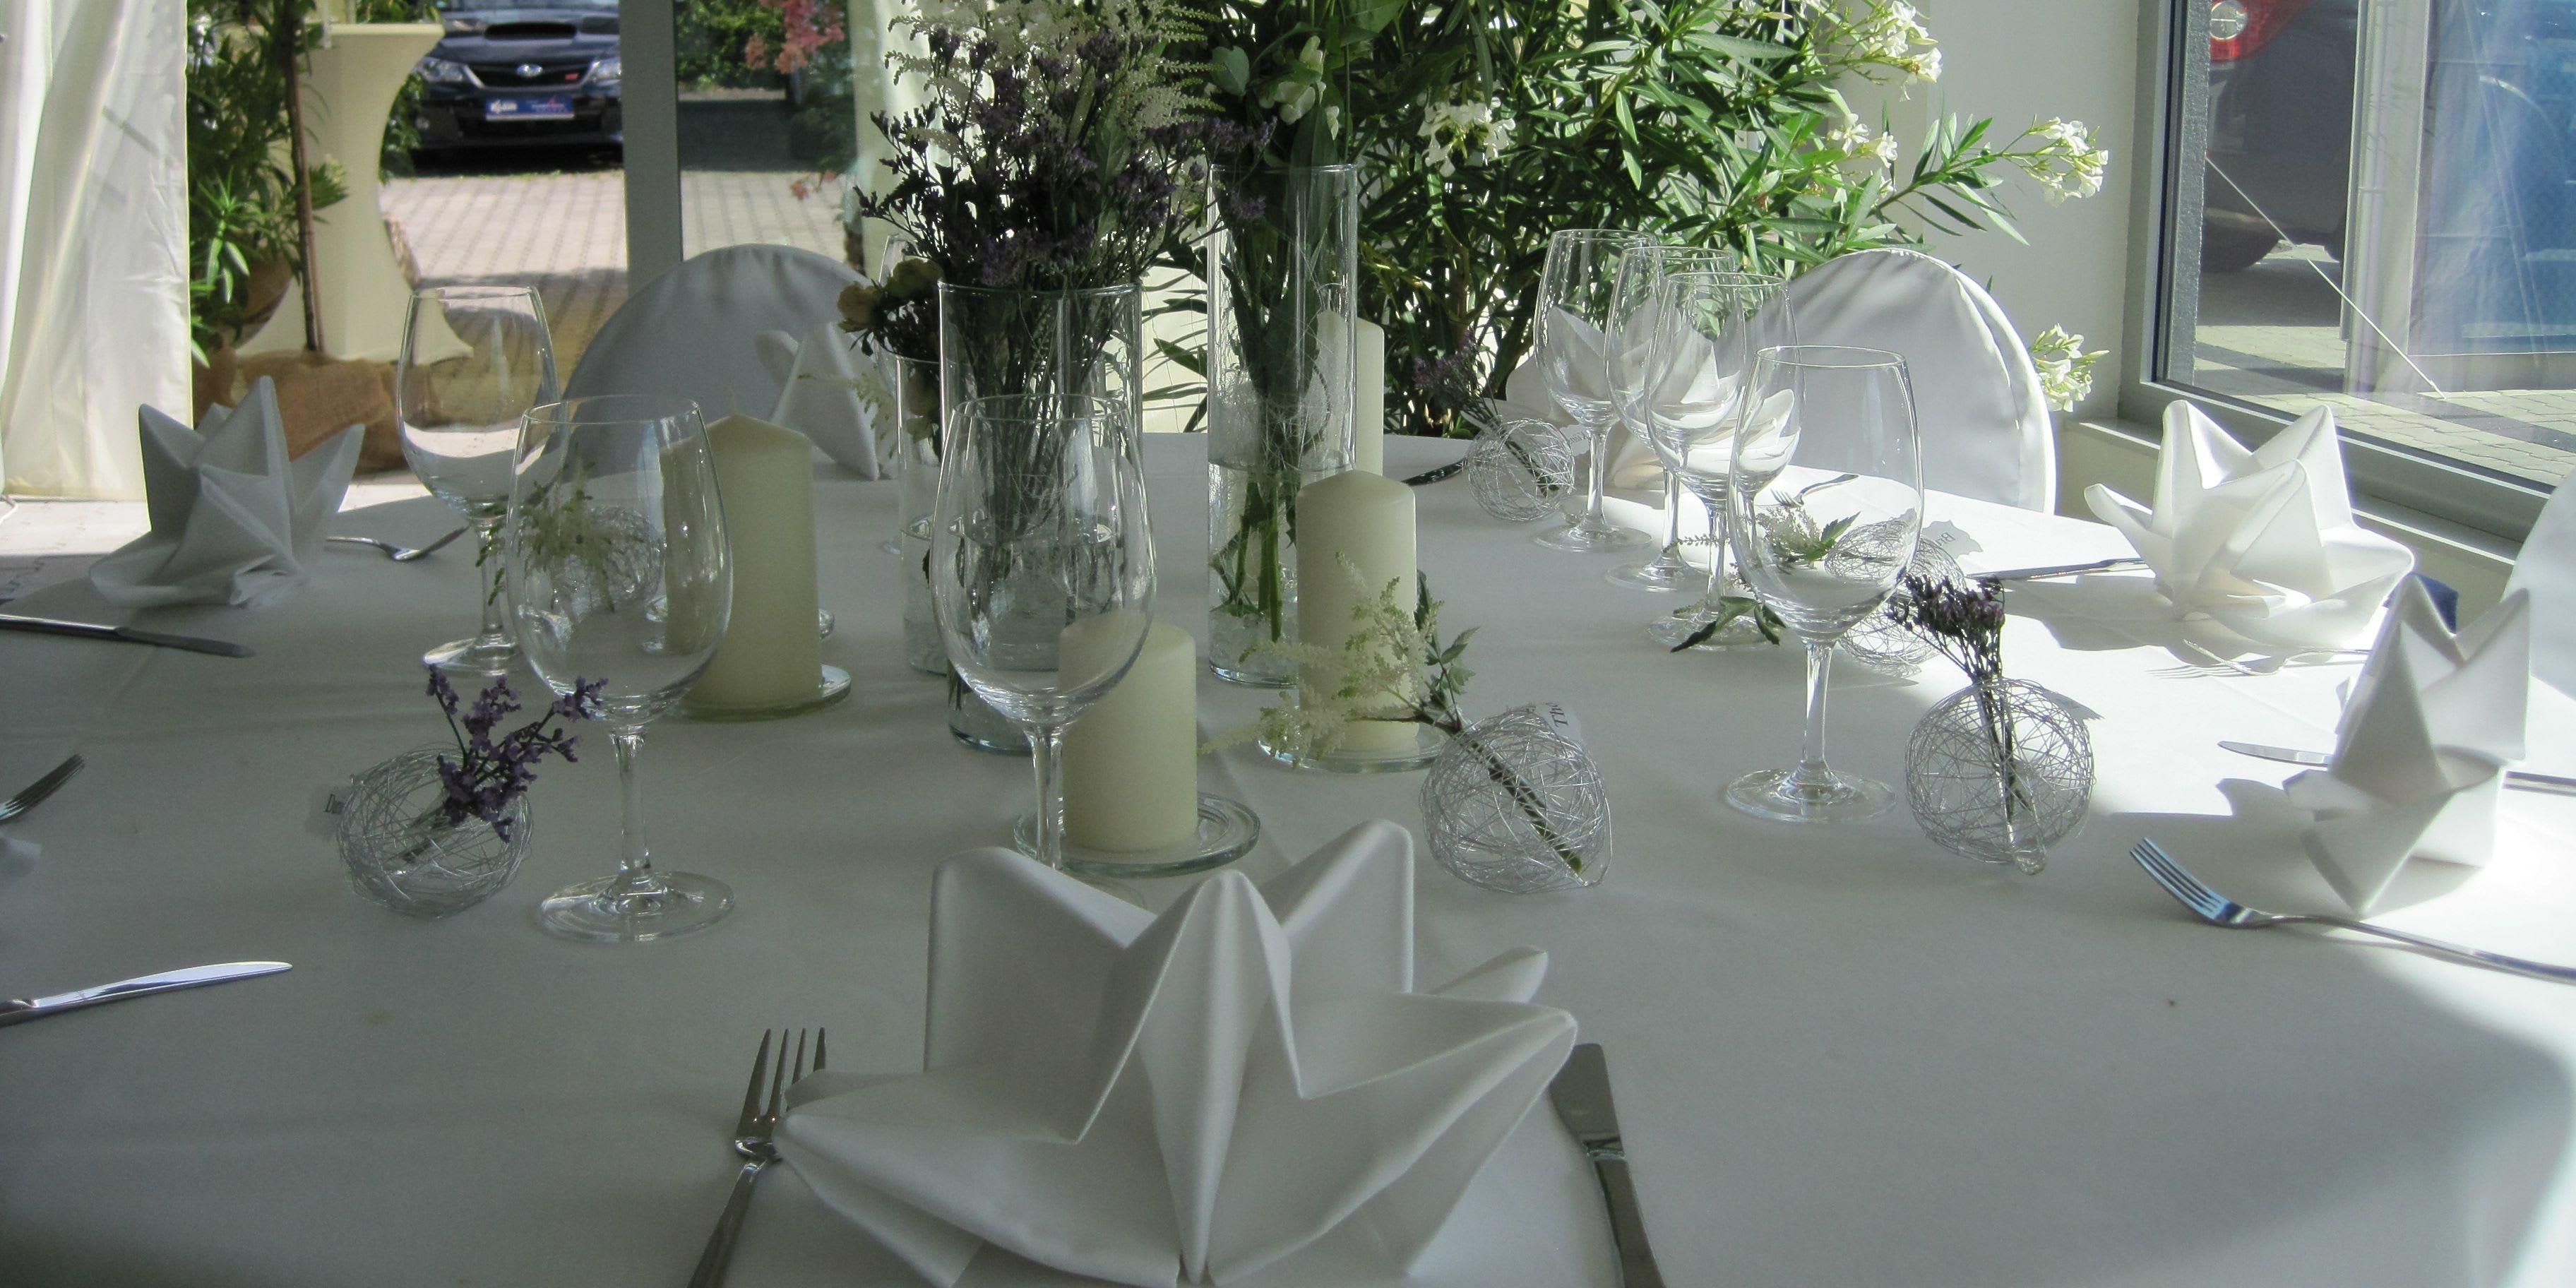 Dekorierter Tisch weiß mit Blumenschmuck und Gläsern